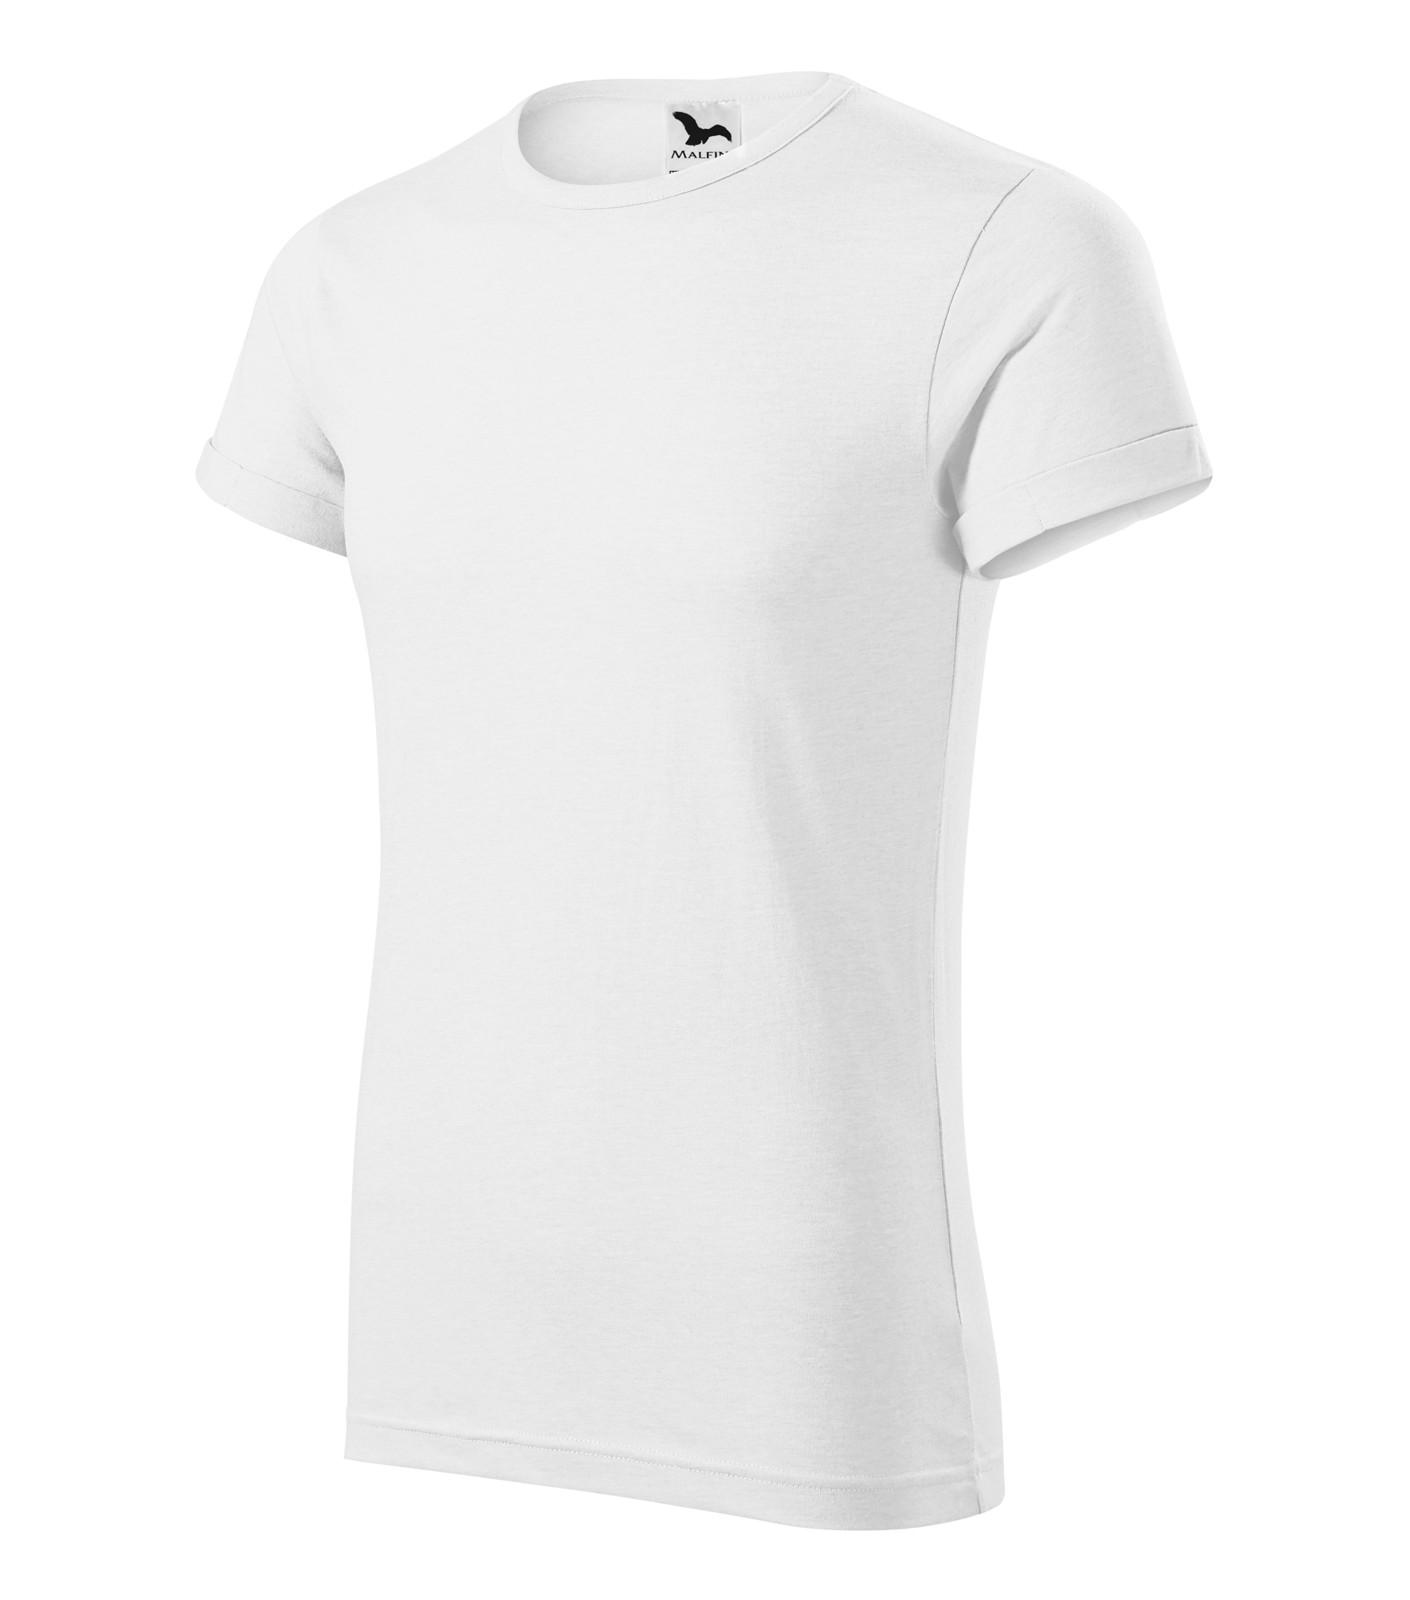 Tričko pánské Malfini Fusion - Bílá / S